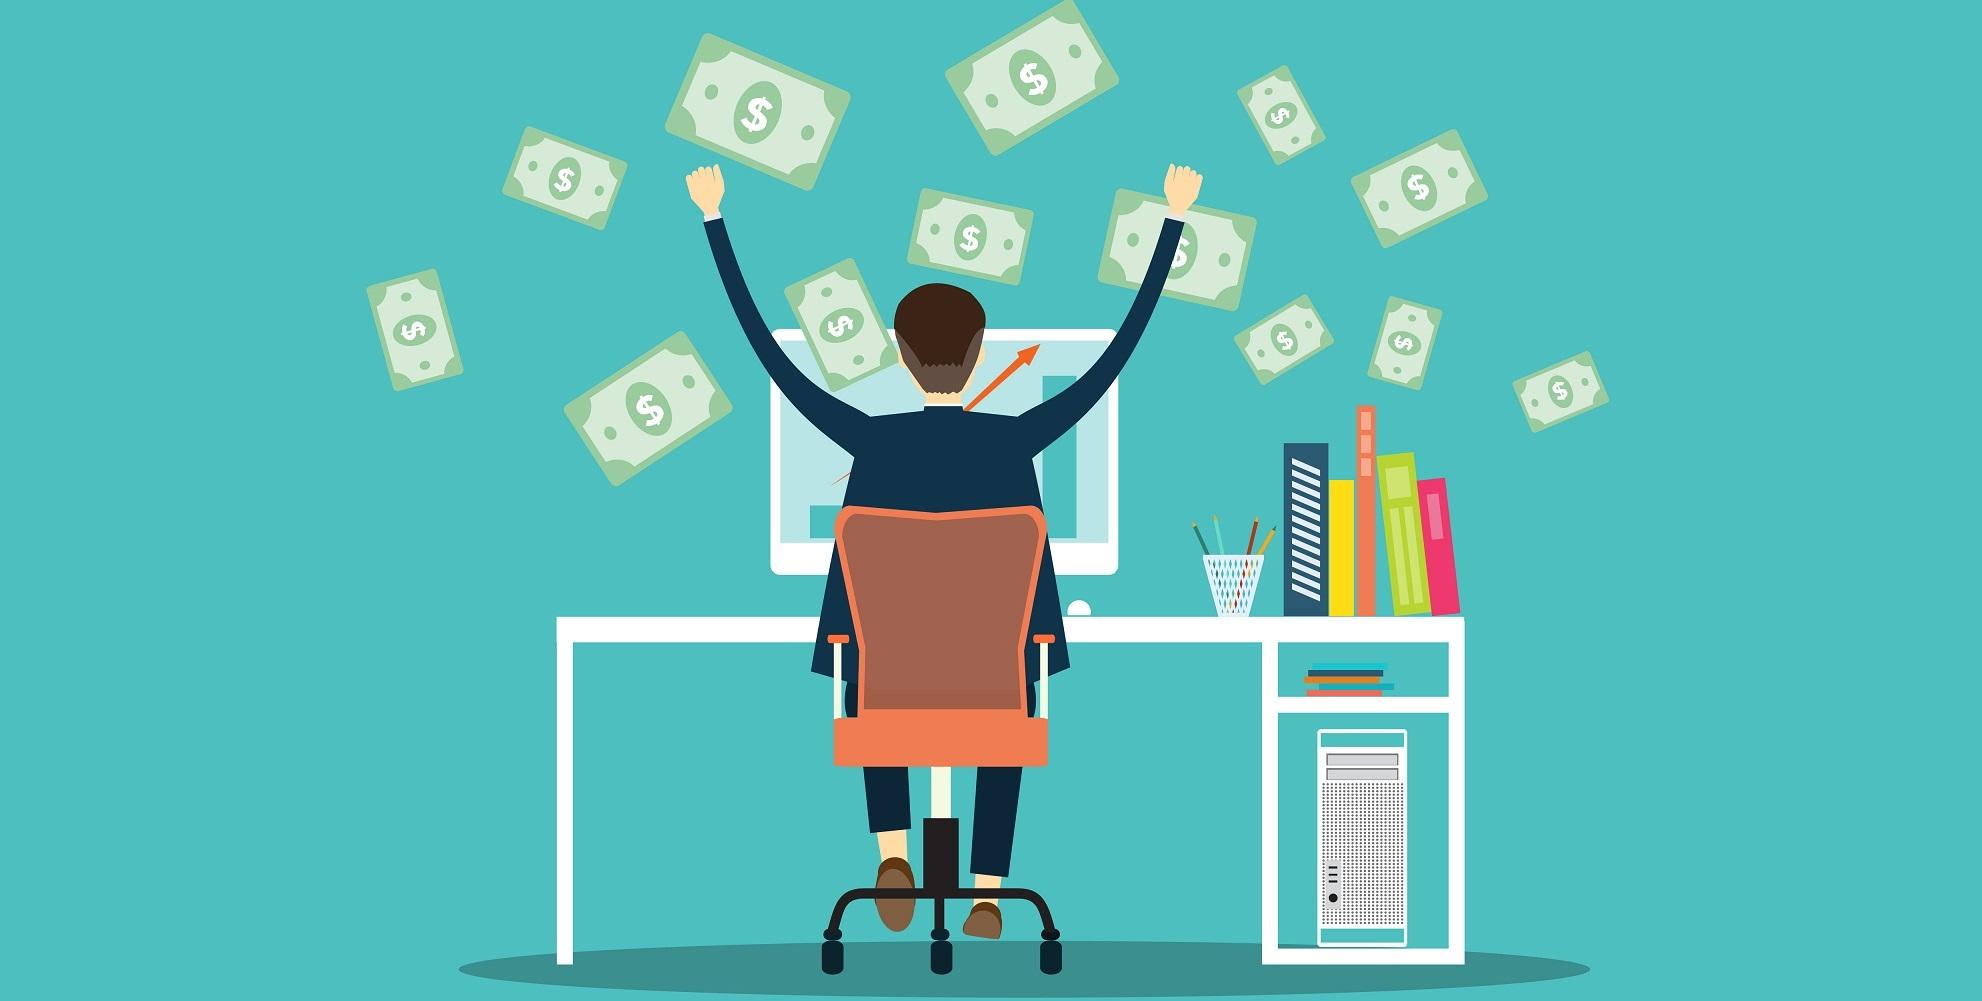 Những công việc cần làm cho người mới bắt đầu kinh doanh online 2020 -  WEBICO BLOG